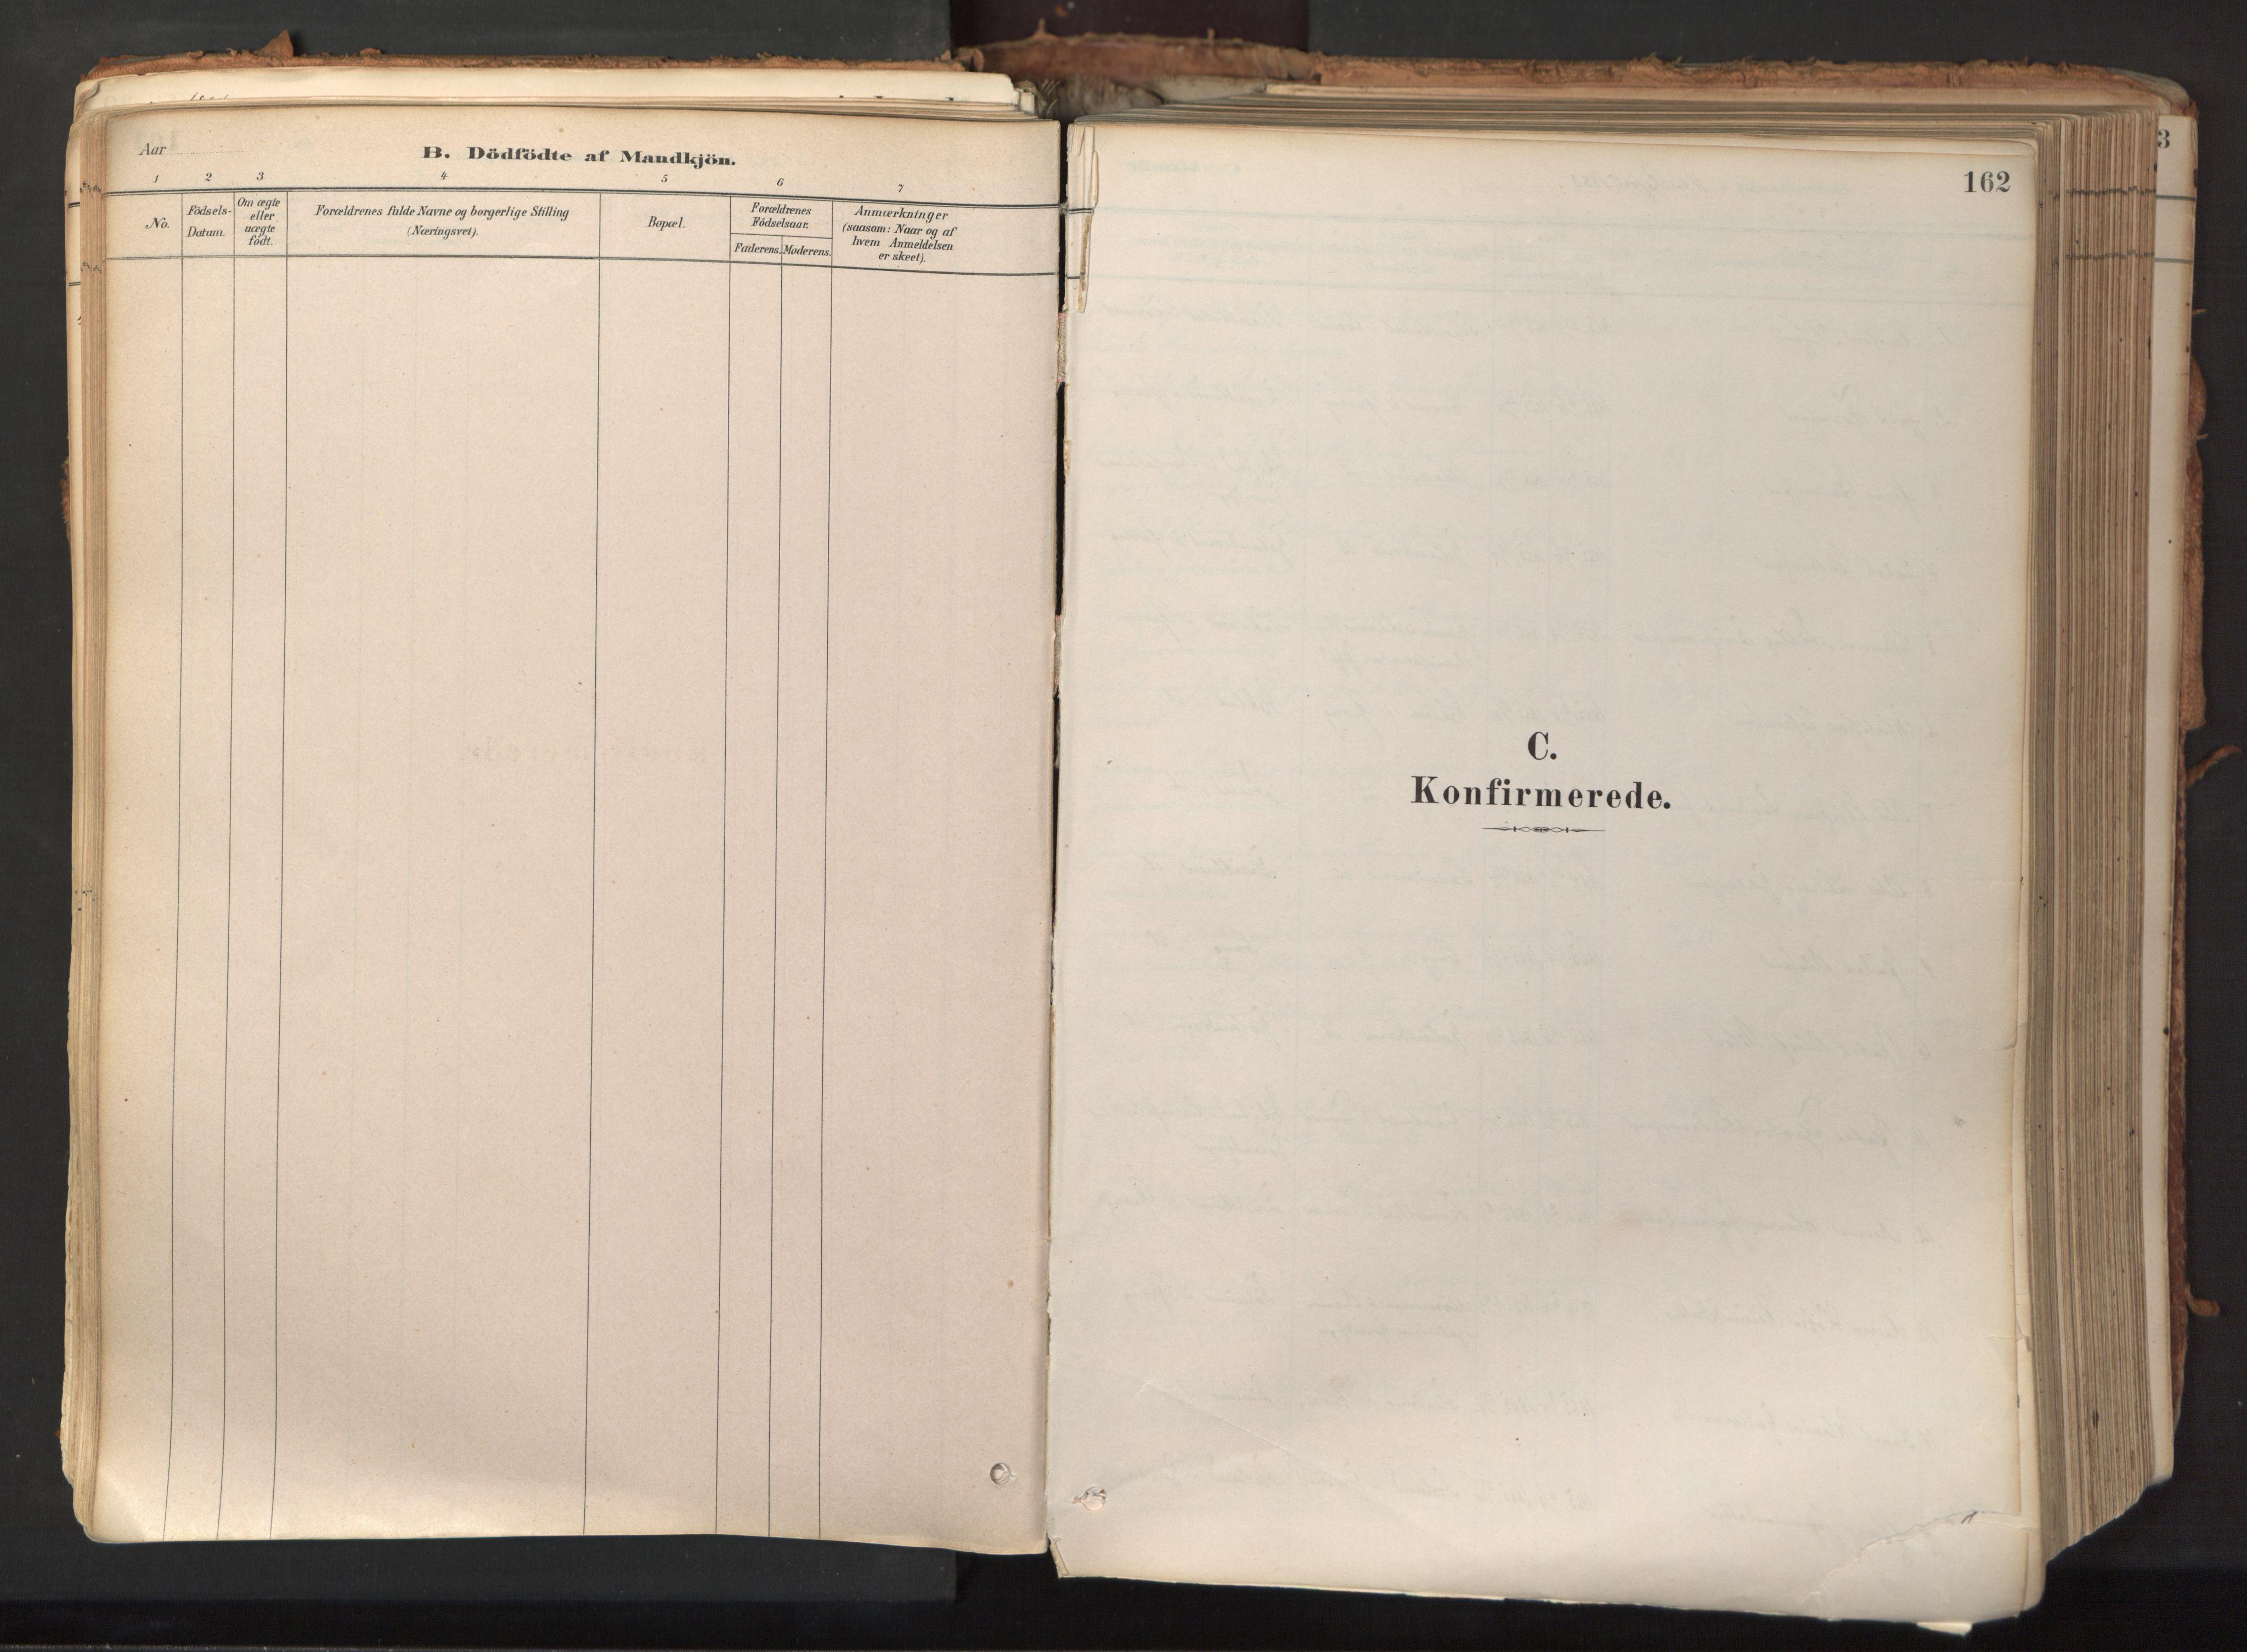 SAT, Ministerialprotokoller, klokkerbøker og fødselsregistre - Nord-Trøndelag, 758/L0519: Ministerialbok nr. 758A04, 1880-1926, s. 162